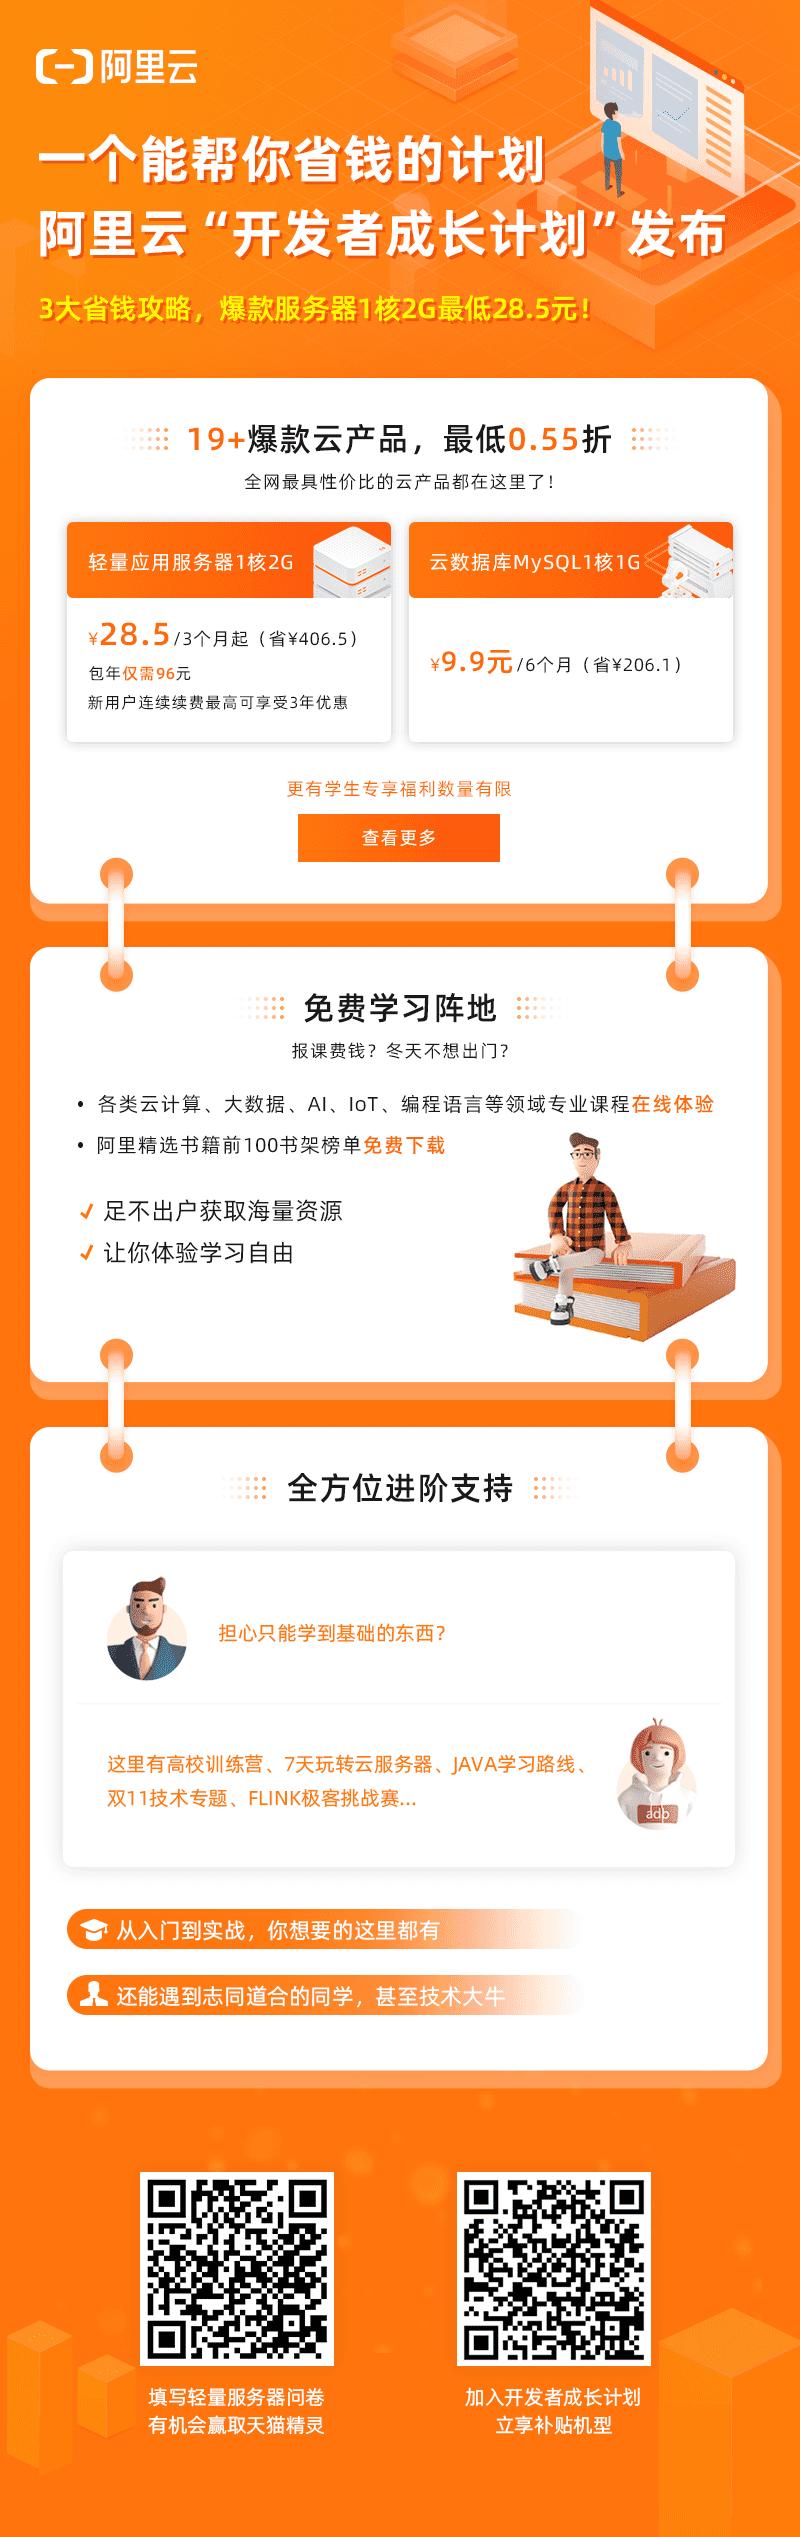 阿里云開發者成長計劃全面補貼,輕量服務器1核2G新用戶僅需96元!